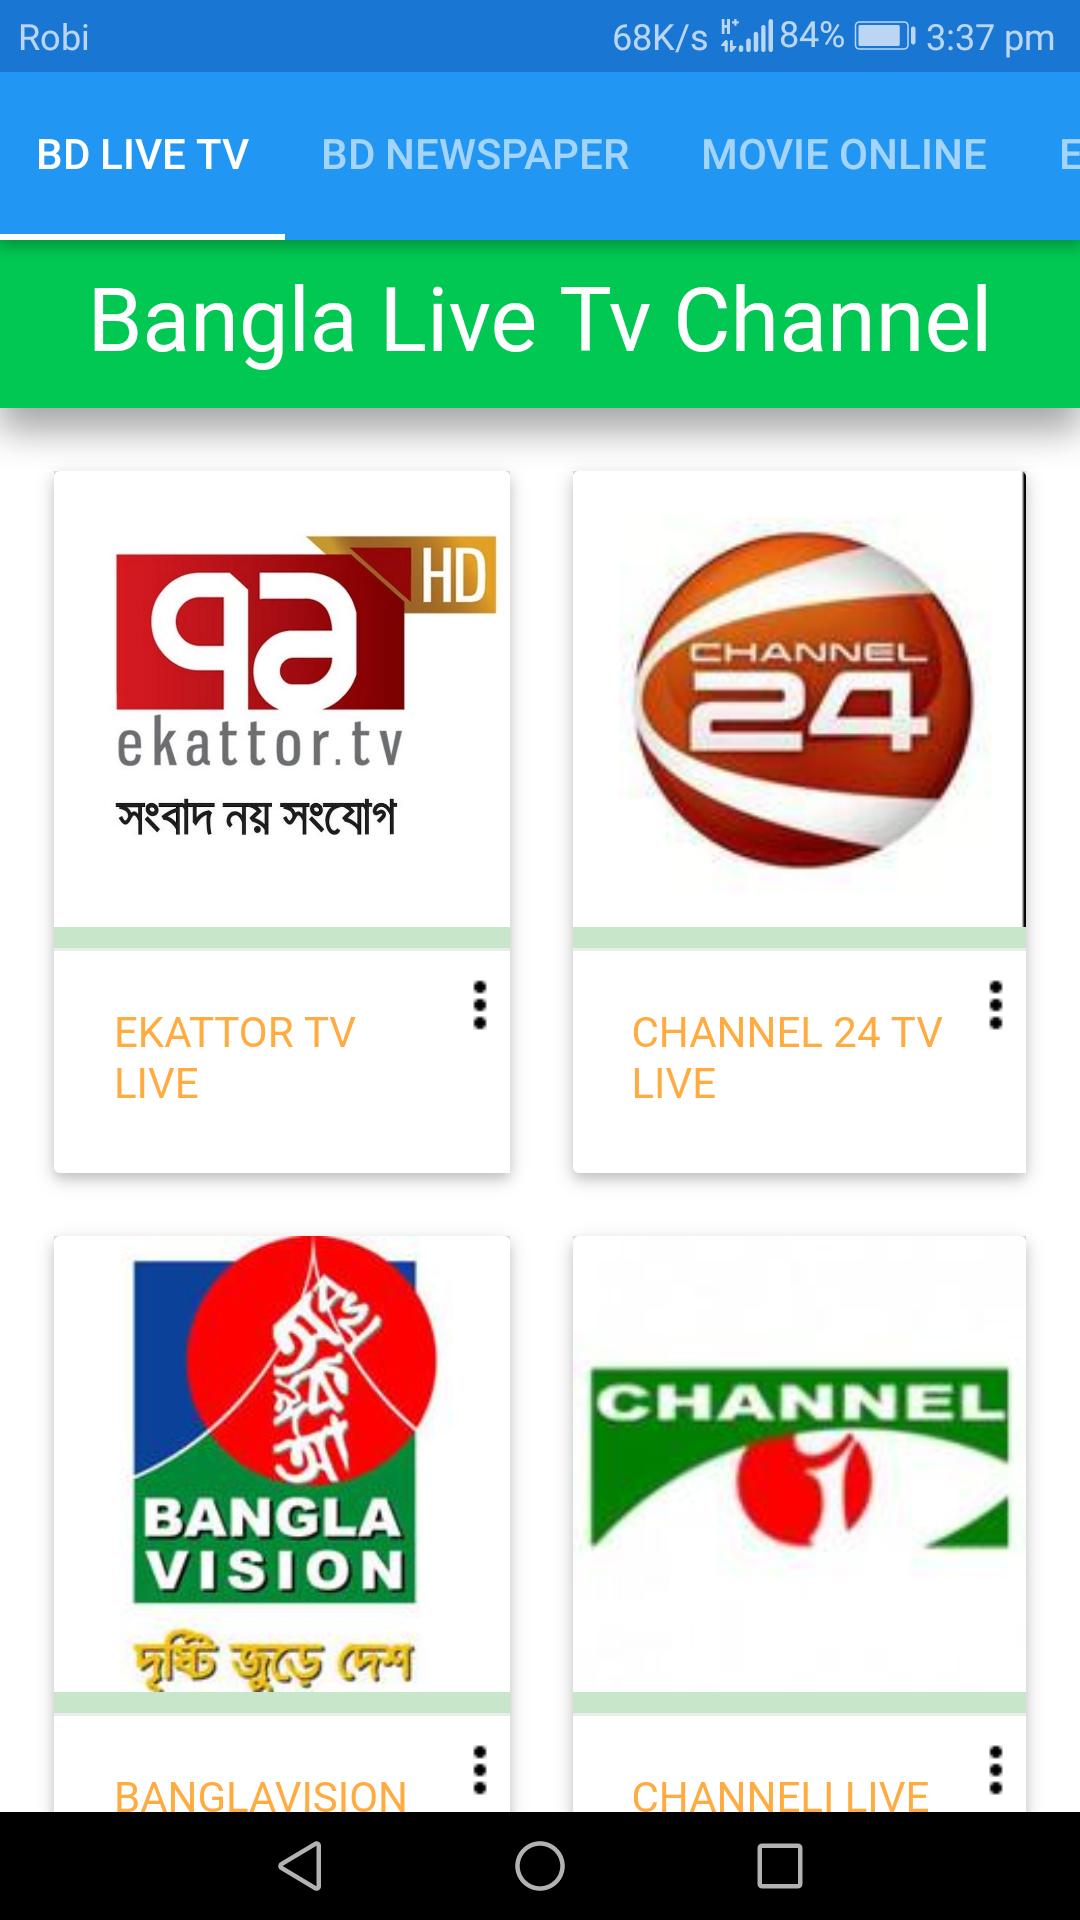 Bangla Live Tv Channel Android App - Download Bangla Live Tv